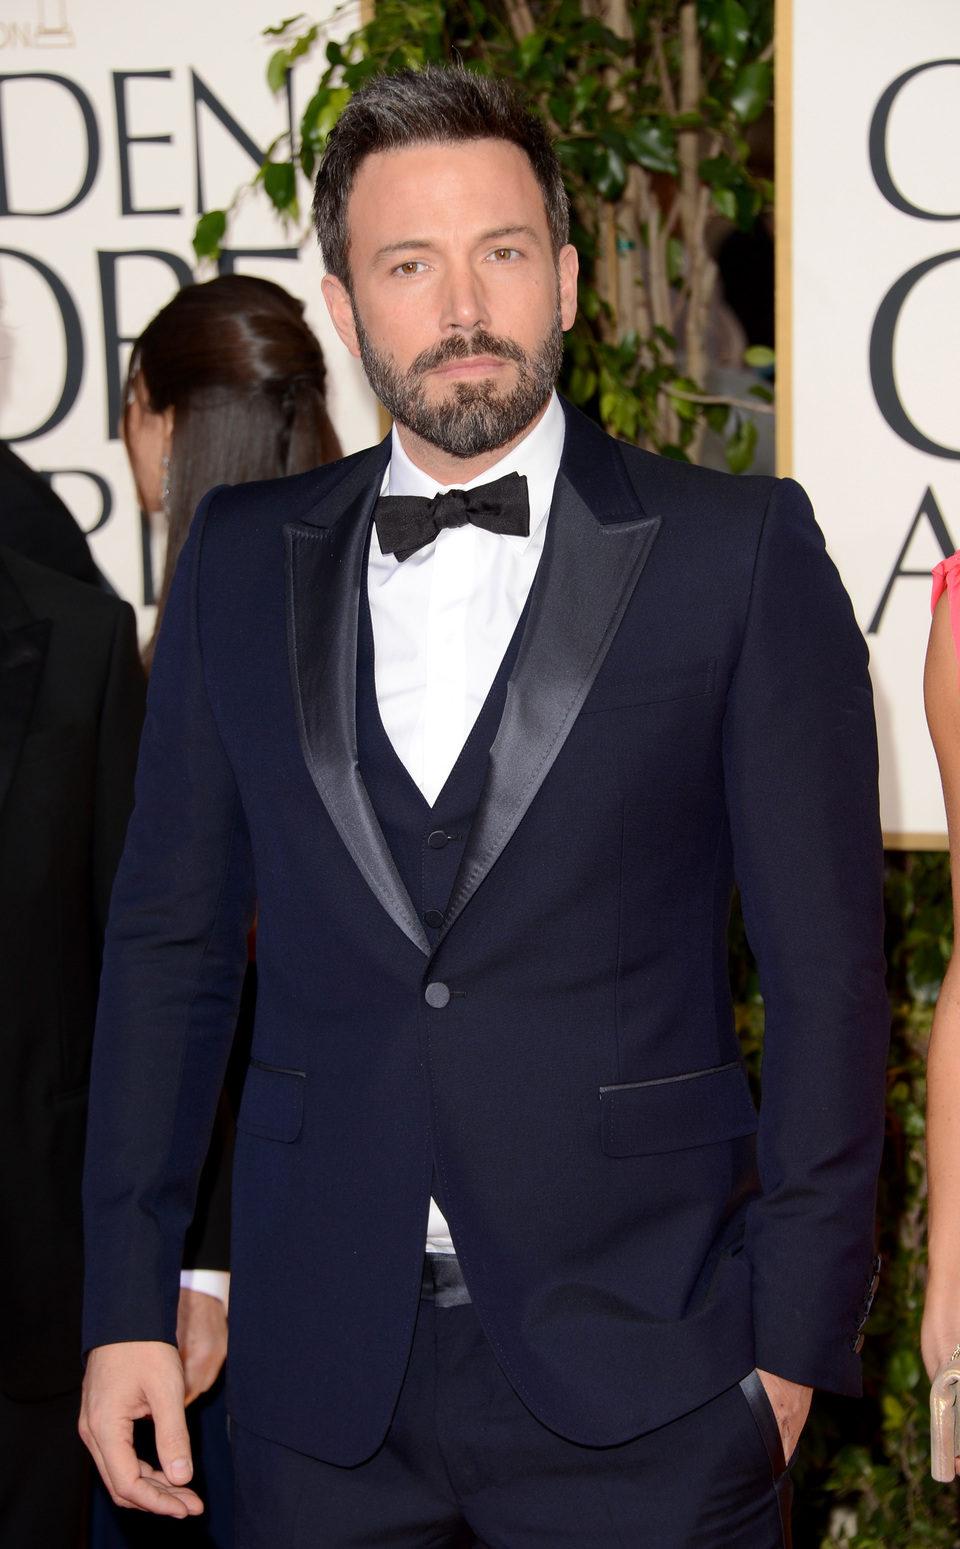 Ben Affleck de 'Argo' en los Globos de Oro 2013